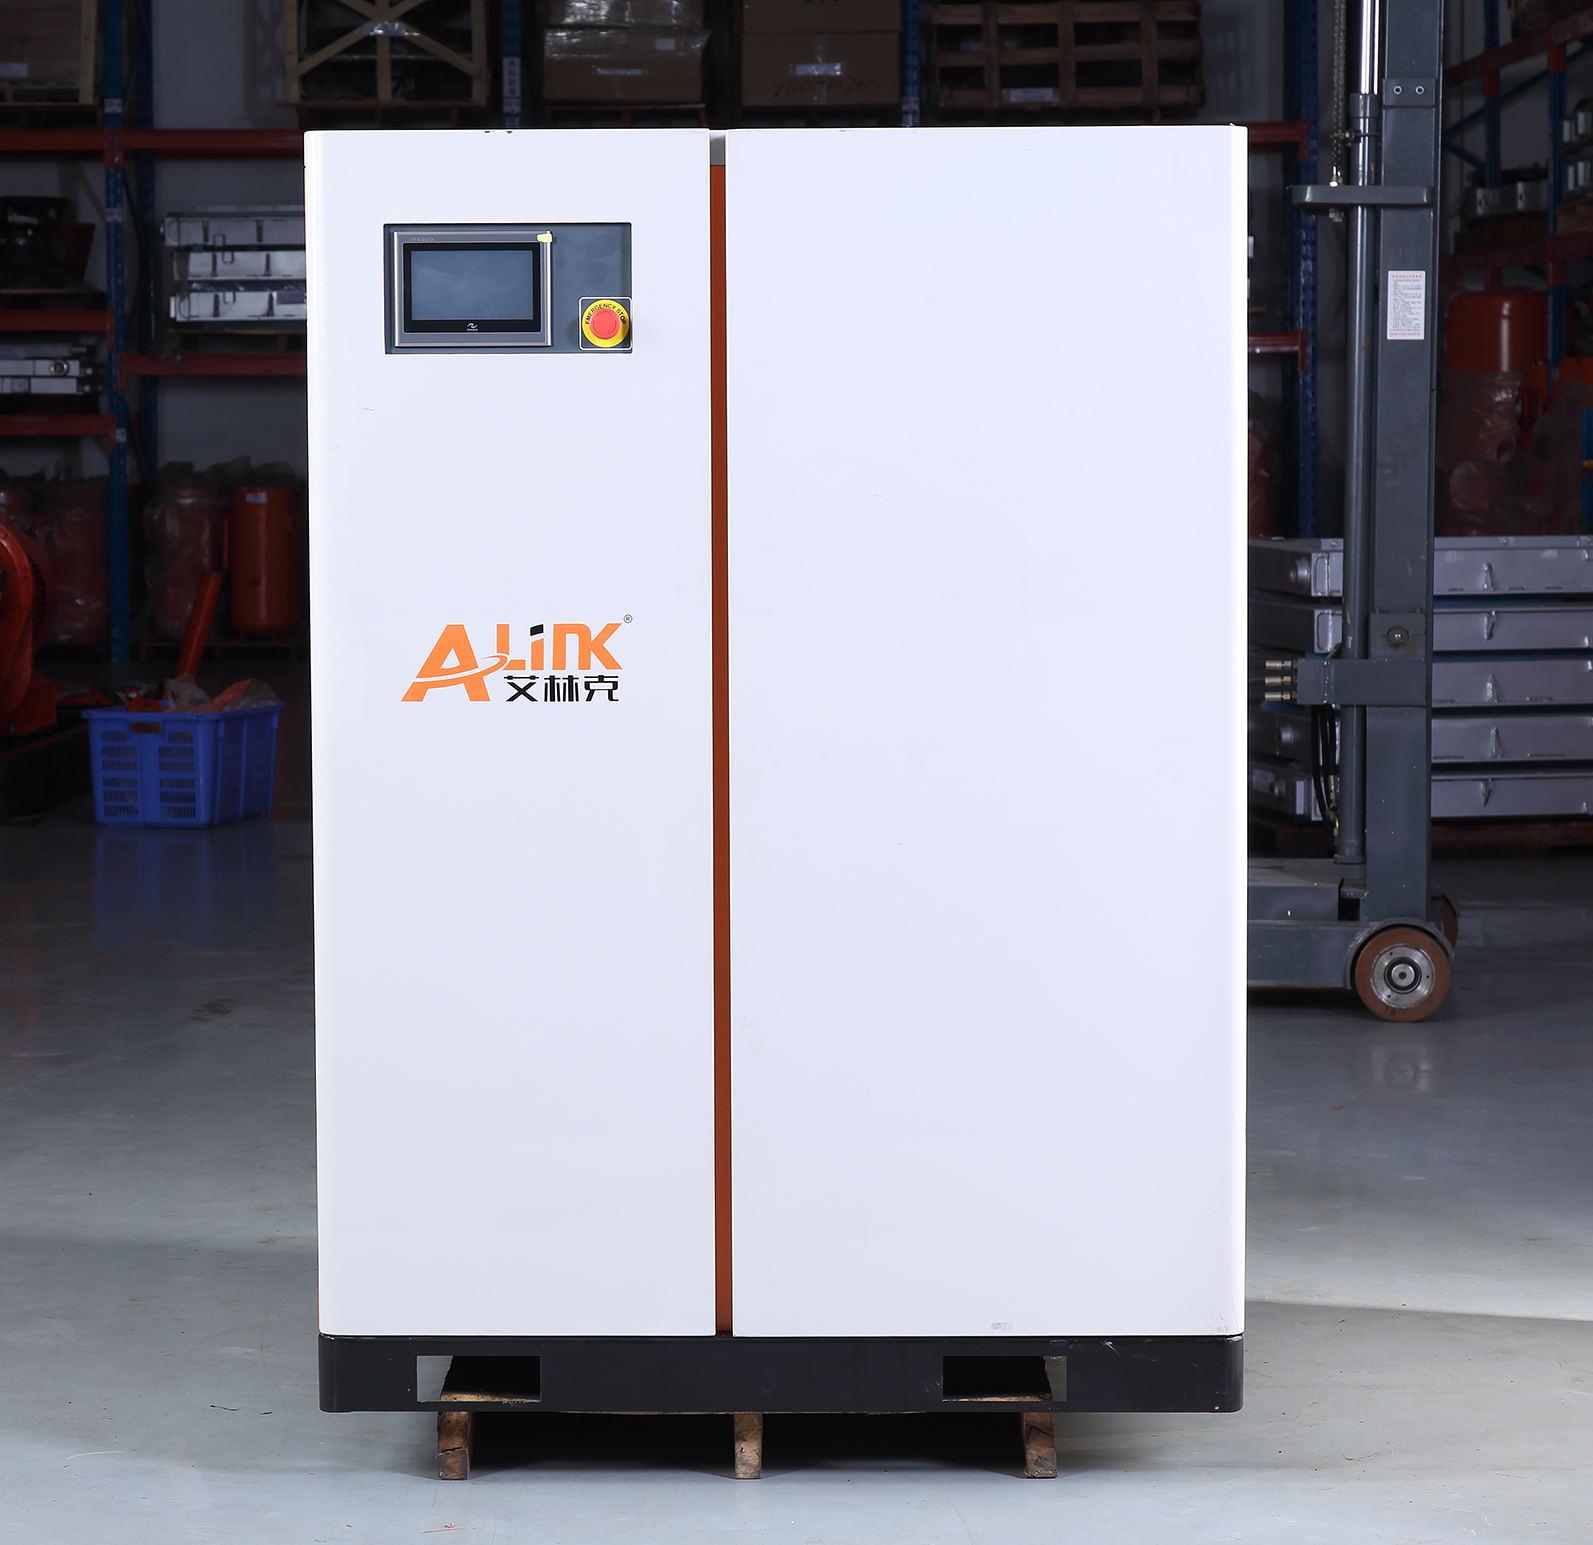 咨询:13827234061 艾林克 高效率 静音节能 永磁变频螺杆空压机15KW(APM-20A)